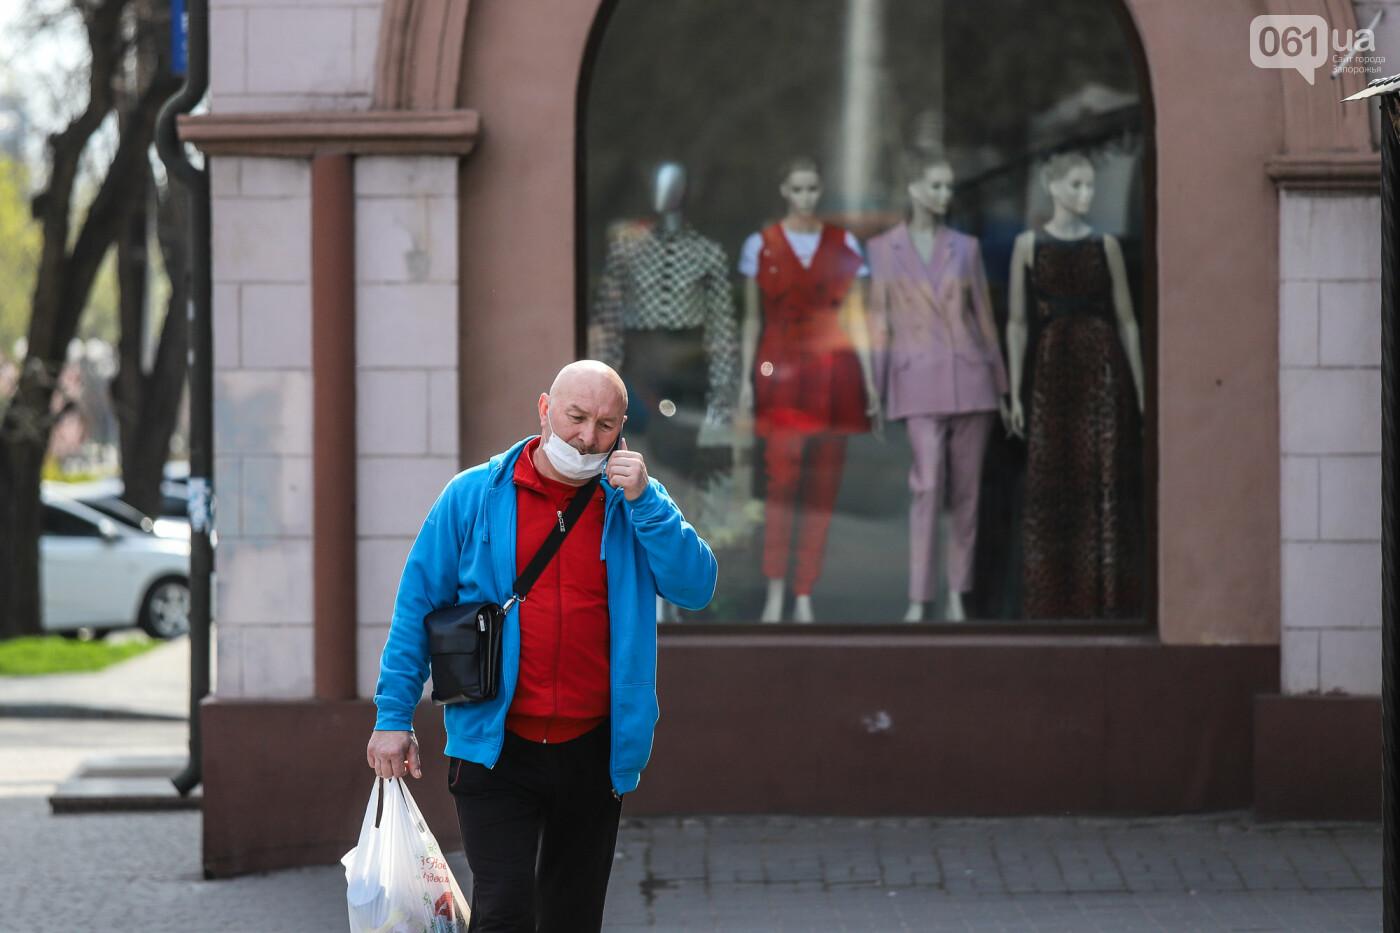 Вход только в масках: как выглядит Запорожье на карантине, - ФОТОРЕПОРТАЖ, фото-45